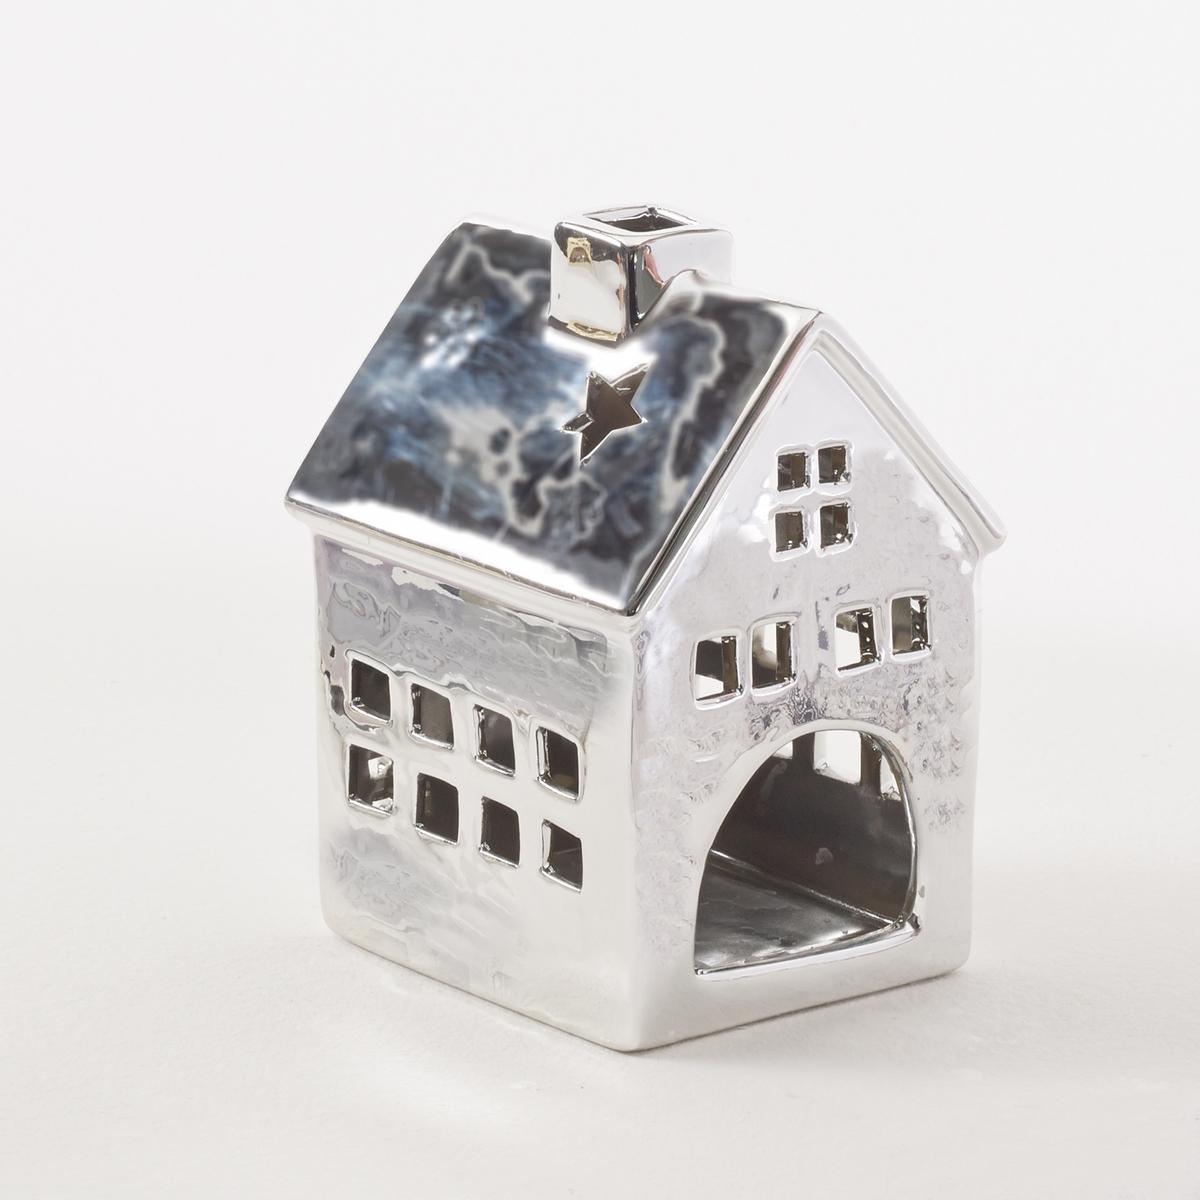 Подсвечник домик, CasadomХарактеристики подсвечника Casadom:Керамический подсвечник в виде домикаМожно использовать как дома, так и в садуИспользовать с маленькими плоскими свечами (не входят в комплект)Другие оригинальные предметы декора - на laredoute.ru.Размеры подсвечника Casadom:Д. 11 x В. 15 x Г. 10 см.<br><br>Цвет: белый,золотистый,медный,серебристый<br>Размер: единый размер.единый размер